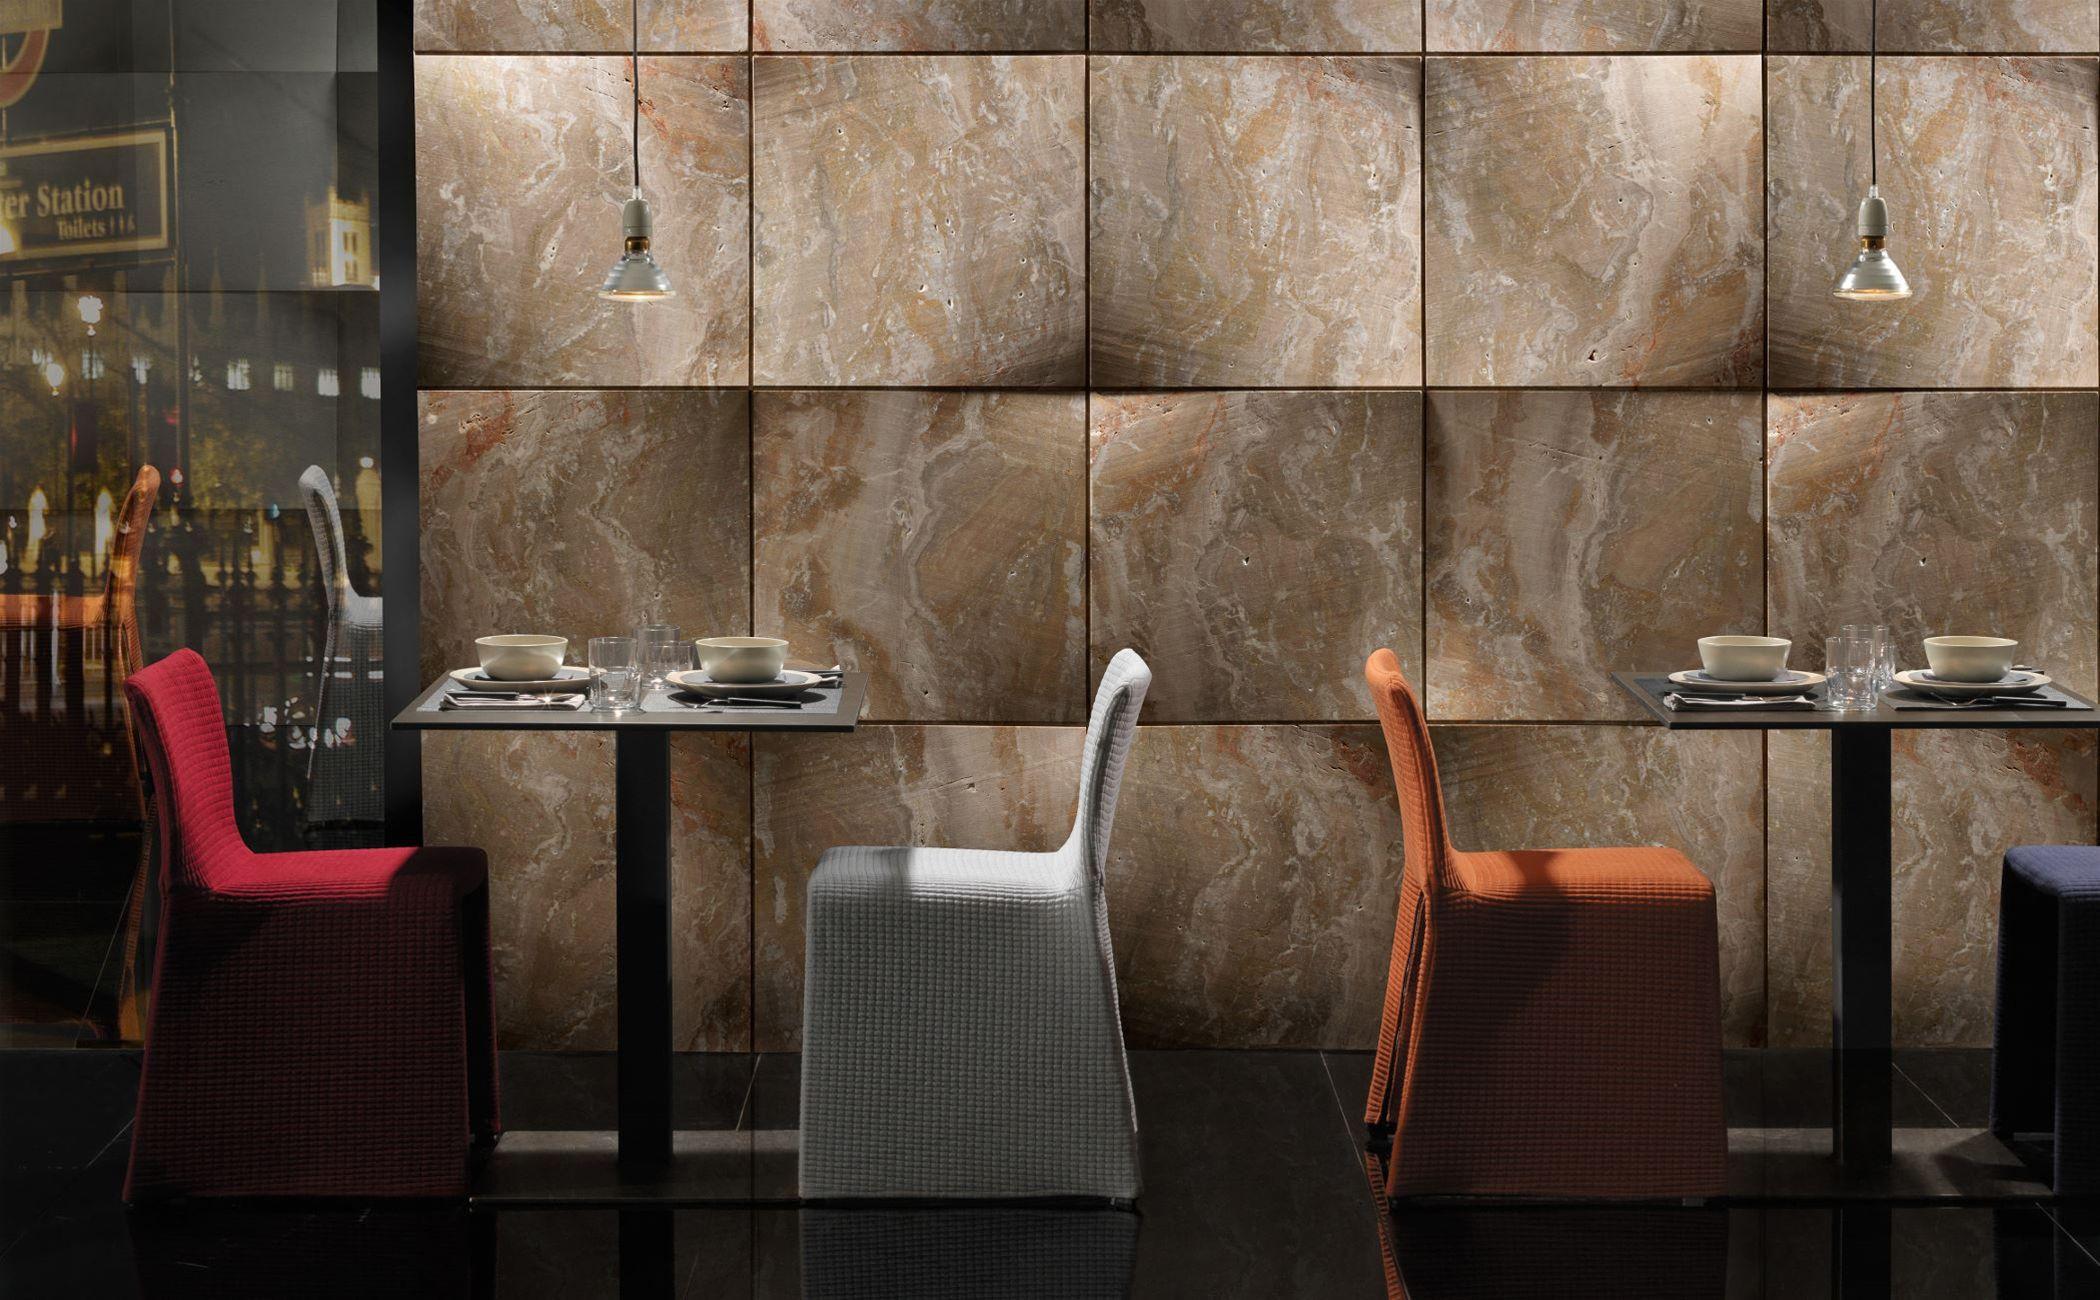 panel decorativo de piedra natural de mrmol para interior foulard by raffaello galiotto